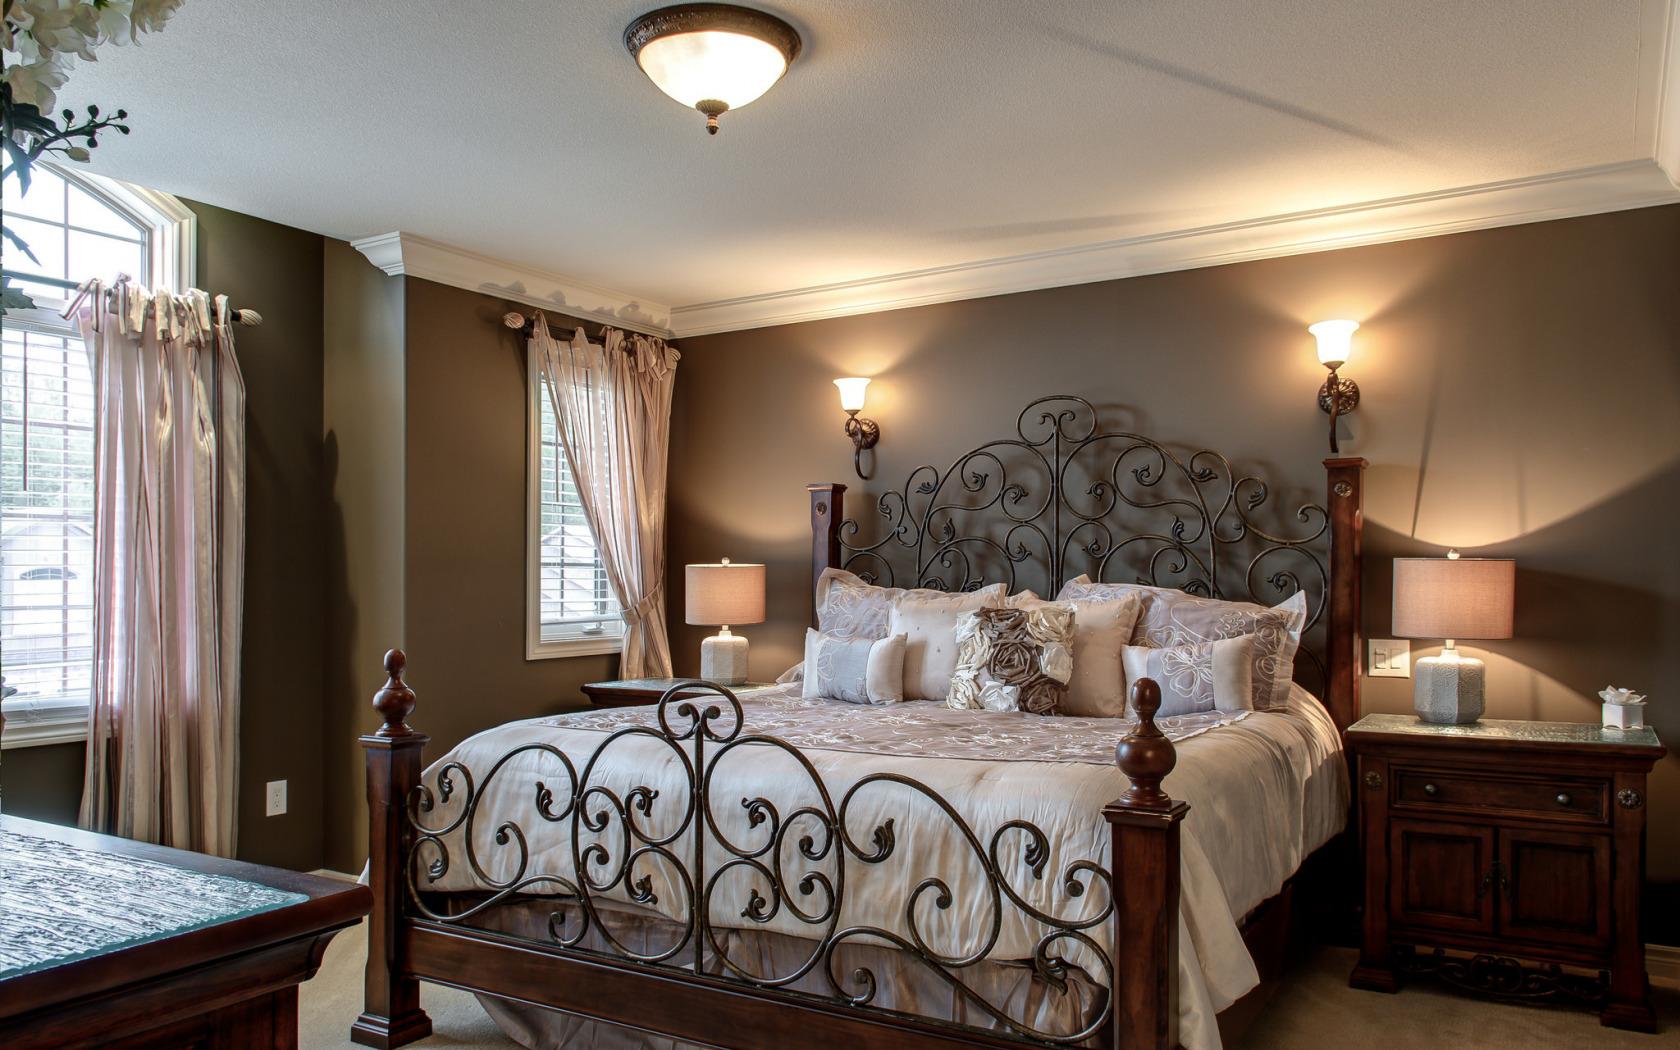 Спальня кованная мебель дизайн